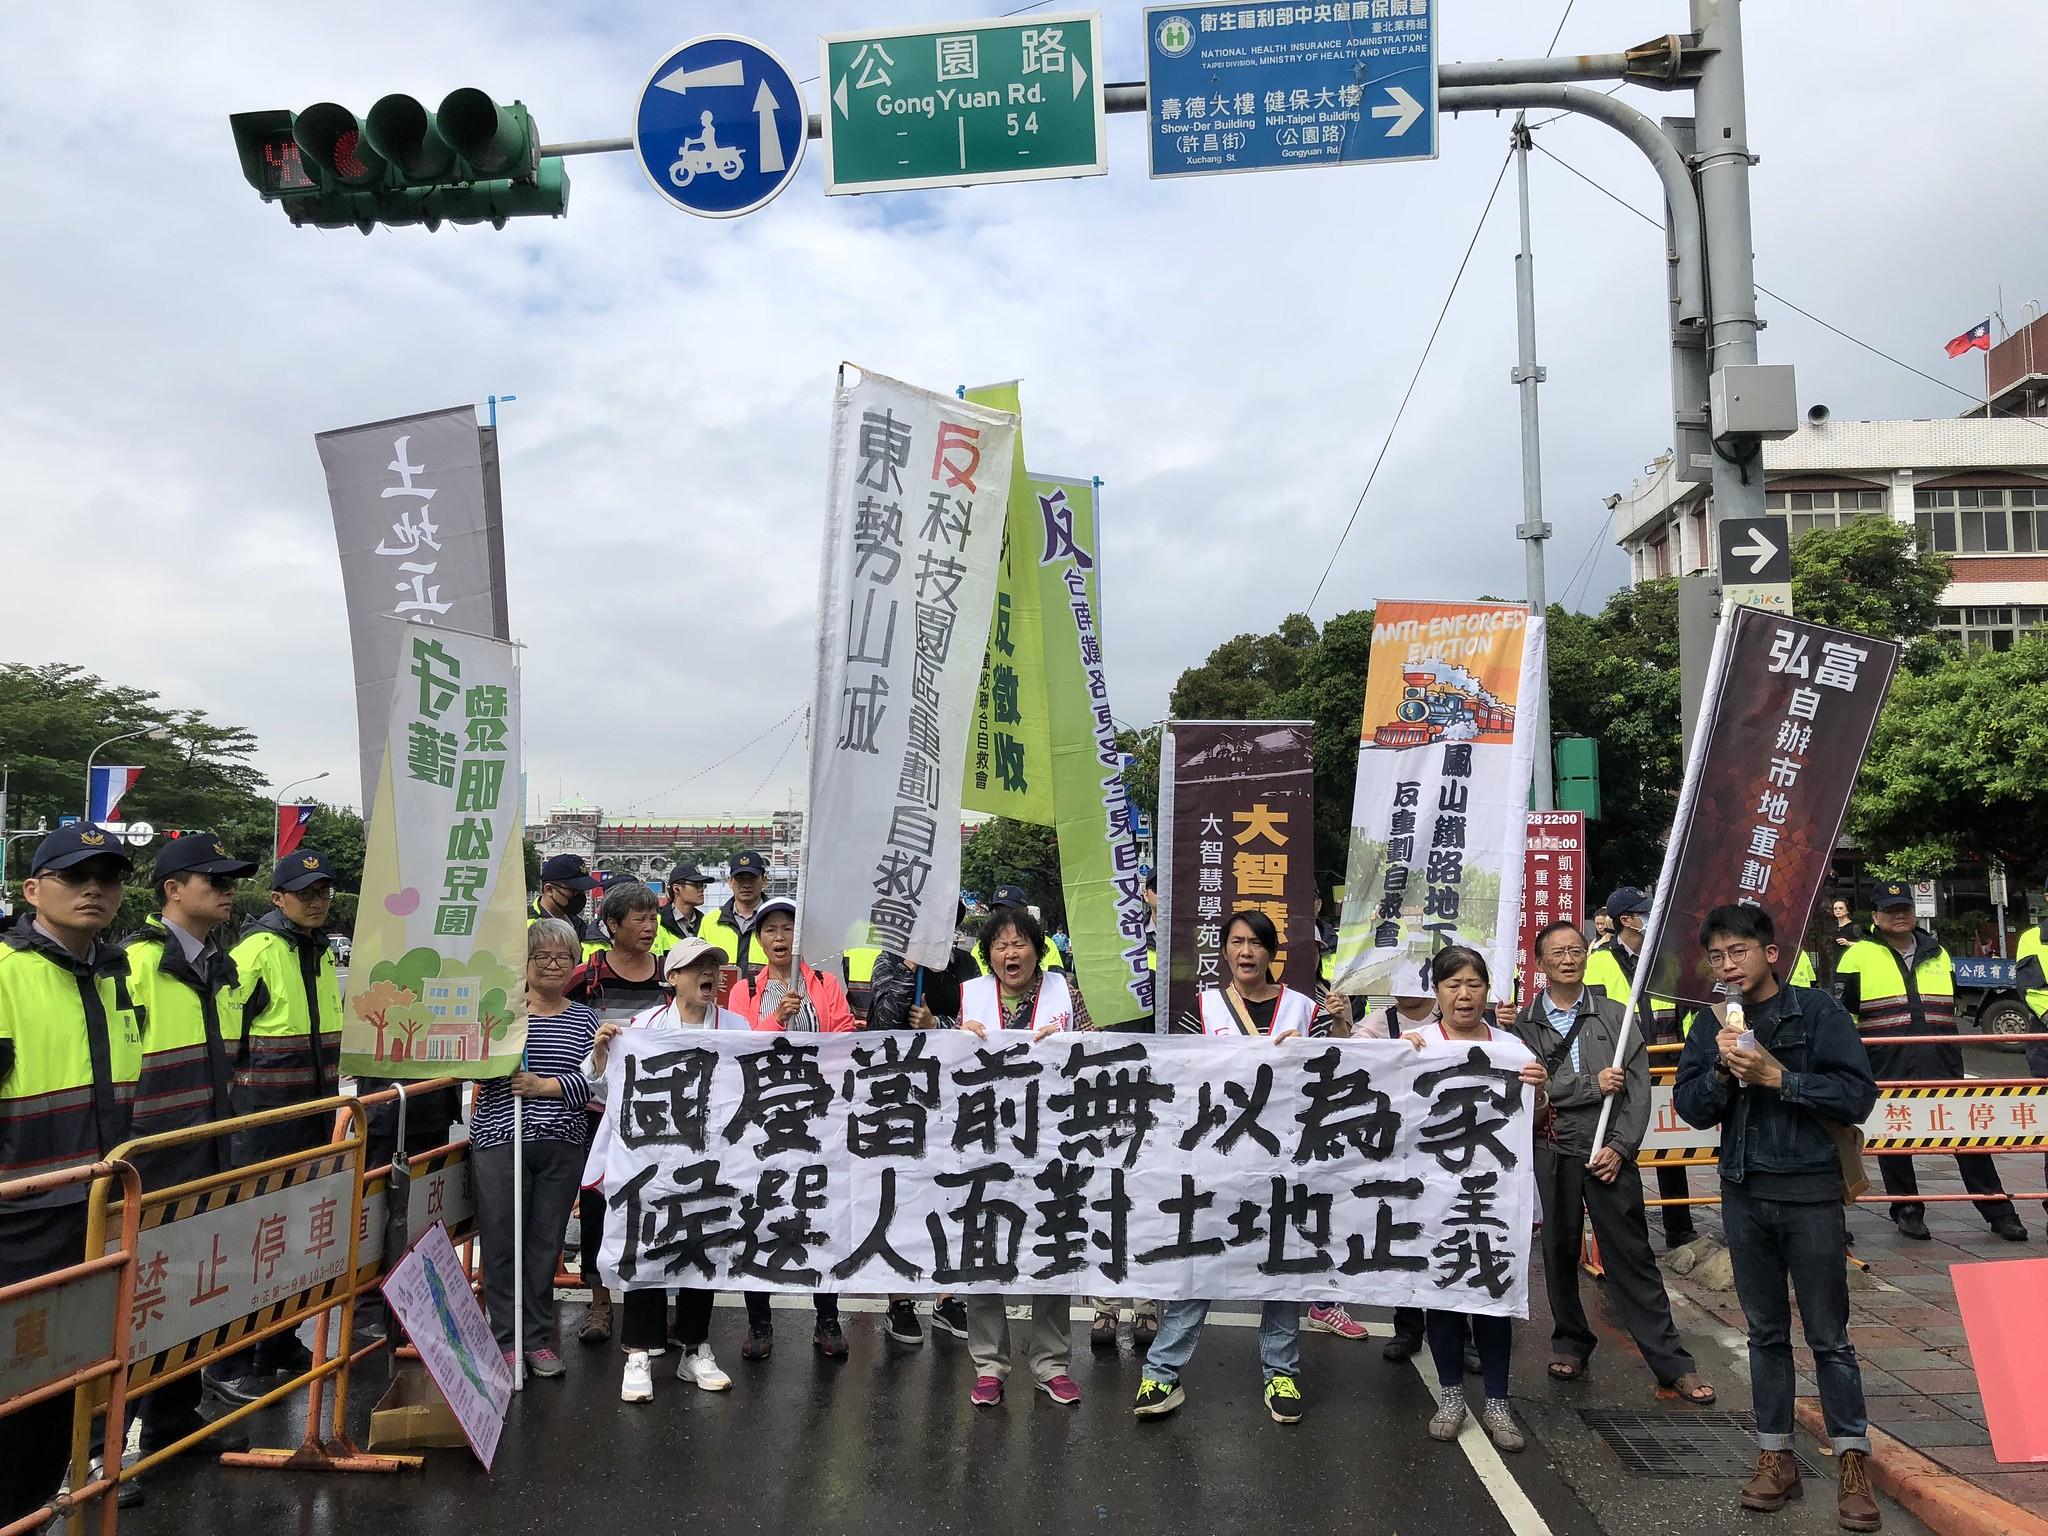 台灣土地正義行動聯盟在國慶日前上凱道抗議,高喊「國慶當前無以為家」。(攝影:王顥中)